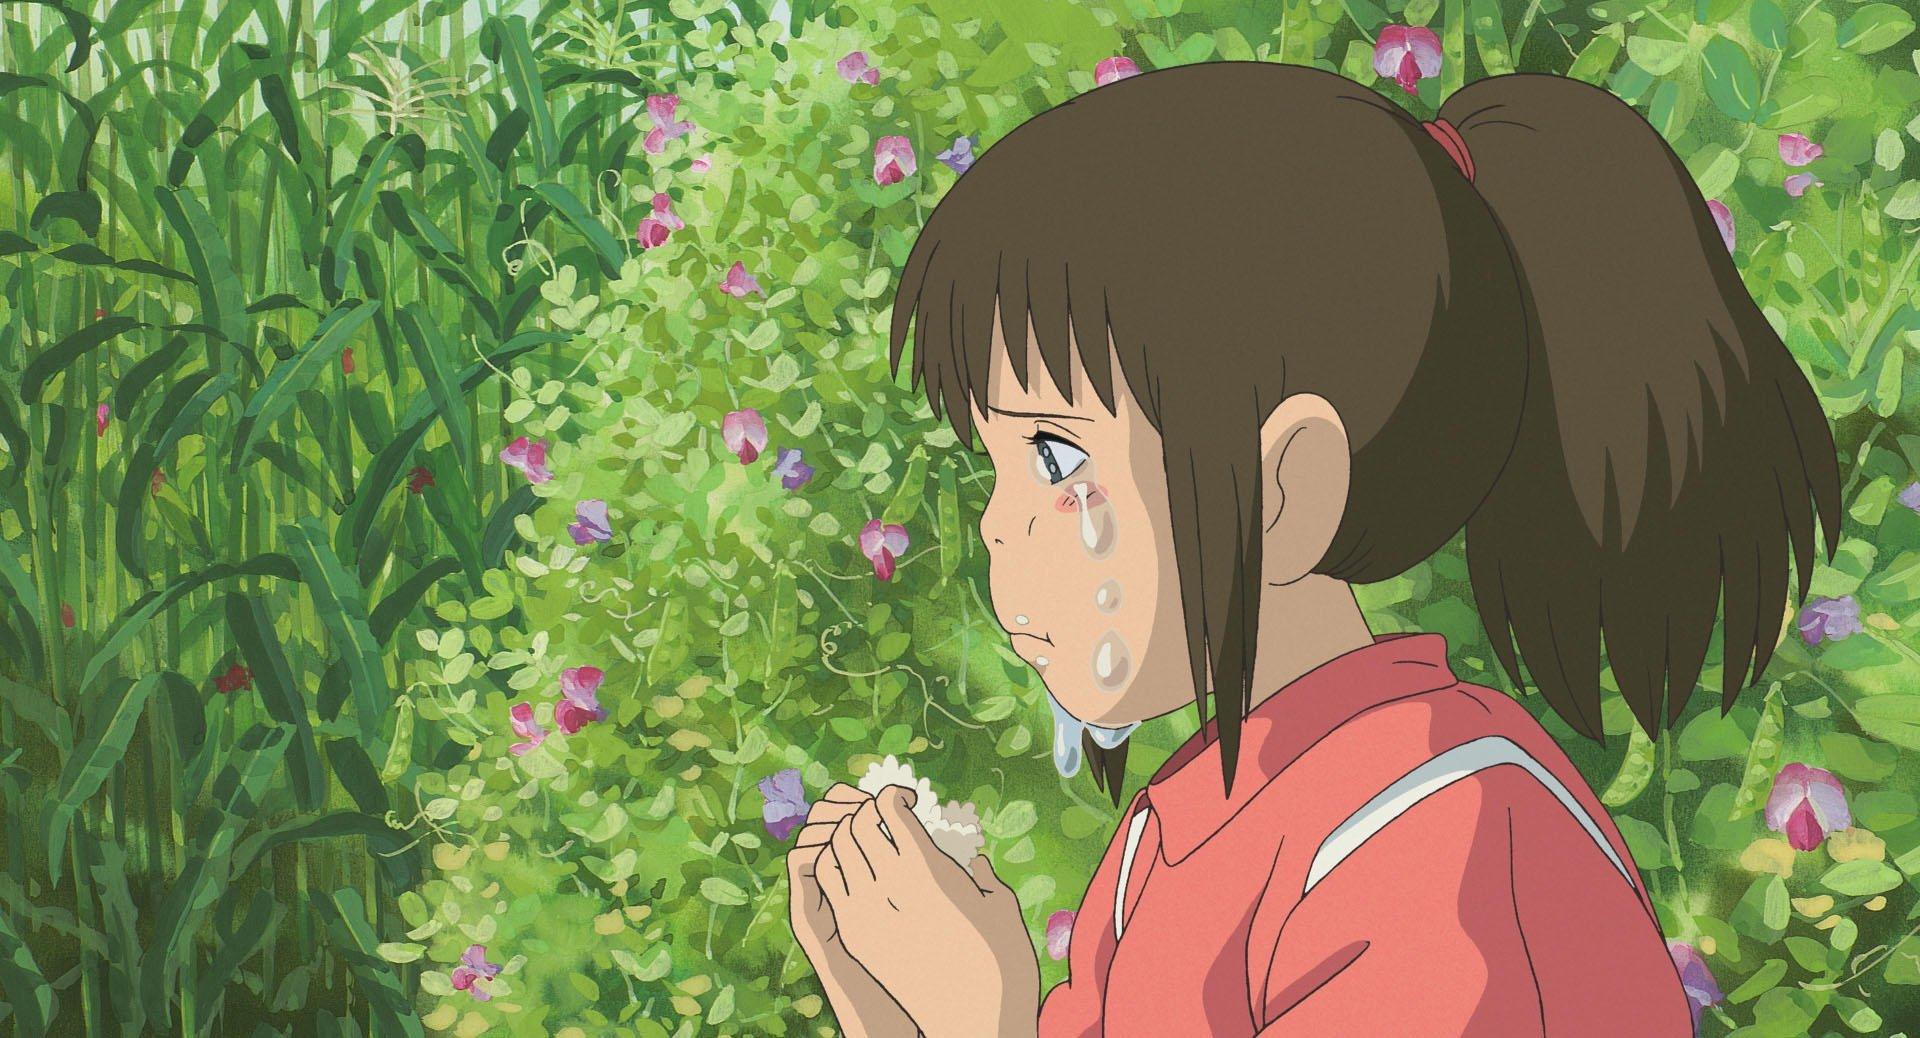 Imagen tomada de 'Sen to Chihiro no Kamikakushi' con la protagonista de perfil y llorando.